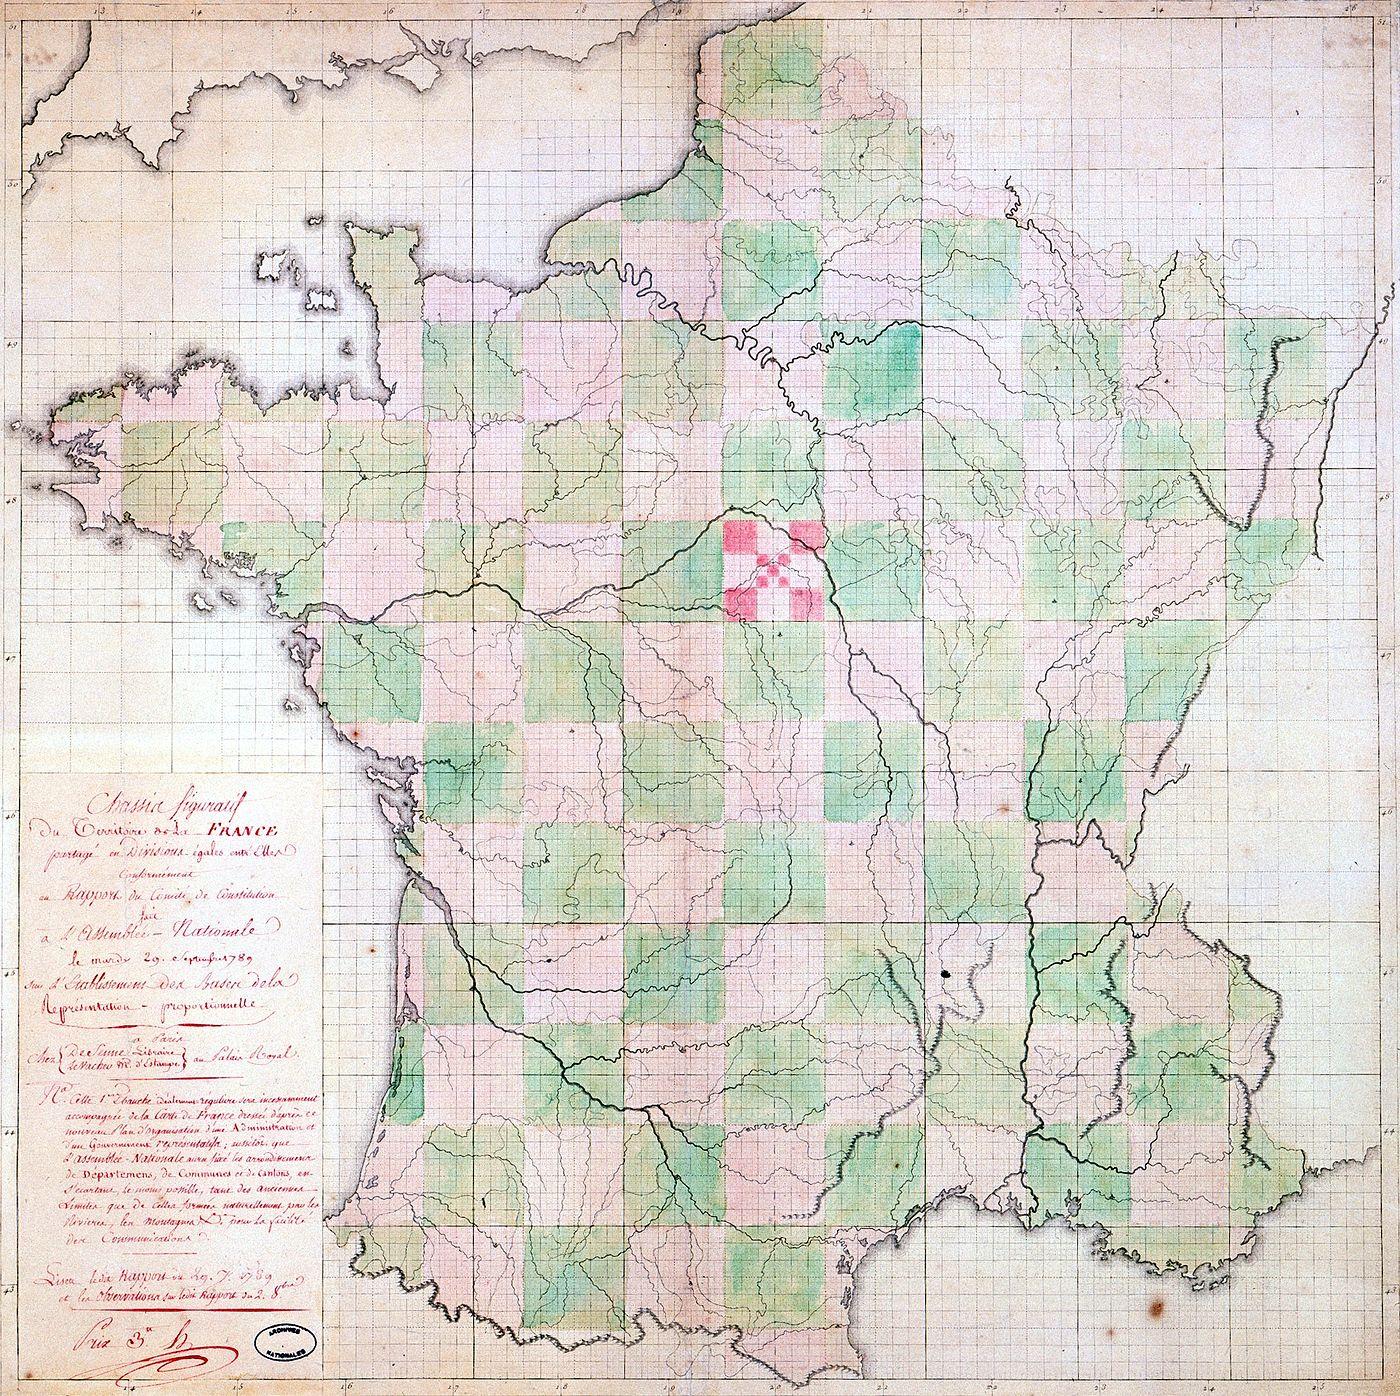 La Formation Des Départements | Histoire Et Analyse D'images destiné Combien De Departement En France